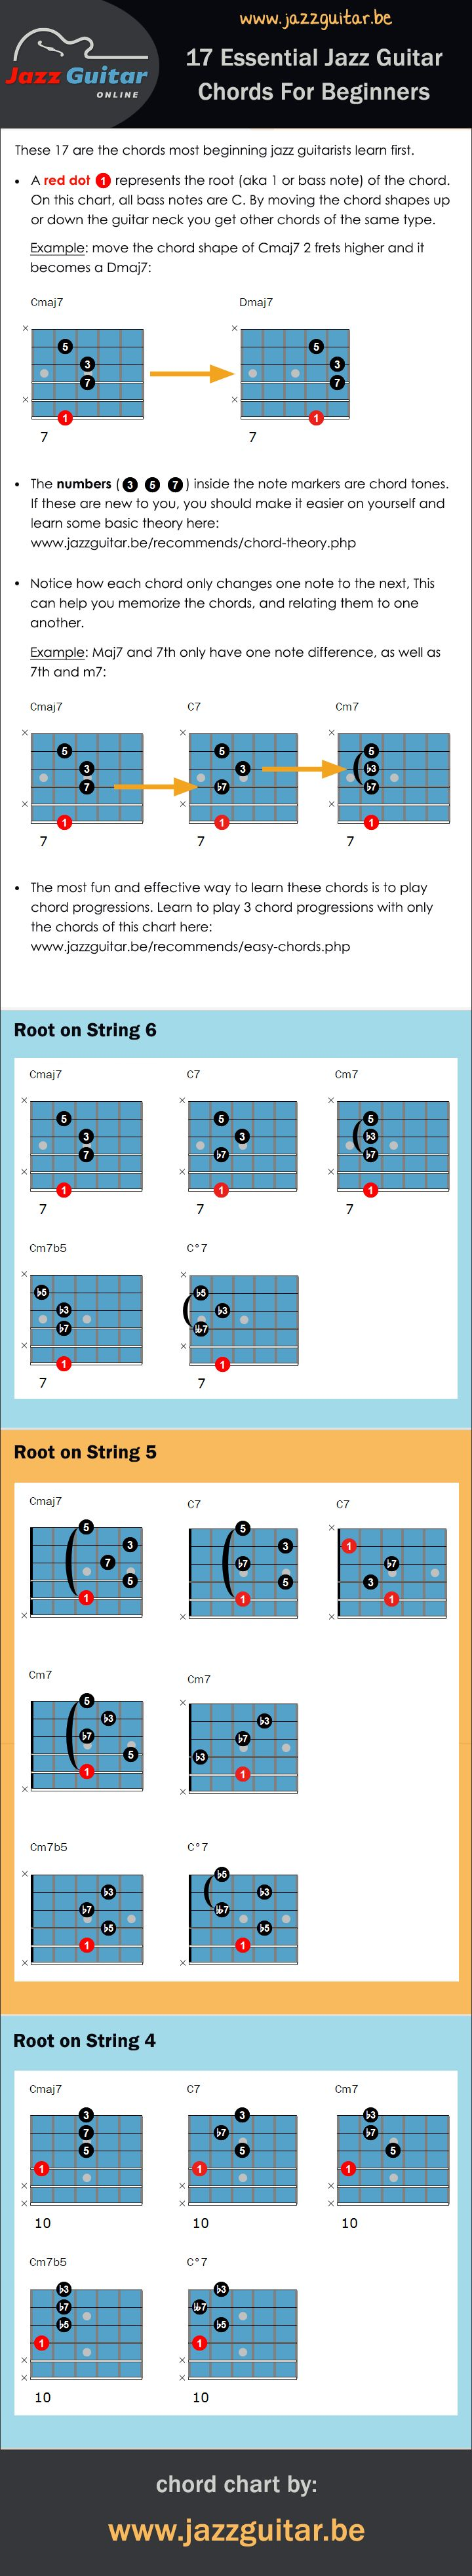 17 Essential Jazz Guitar Chords For Beginners 17 thế bấm hợp âm cần thiết cho người bắt đầu học Jazz Guitar Dưới đây là 17 thế bấm cho những quan tâm đến việc học Jazz Guitar dành cho người mới bắt...